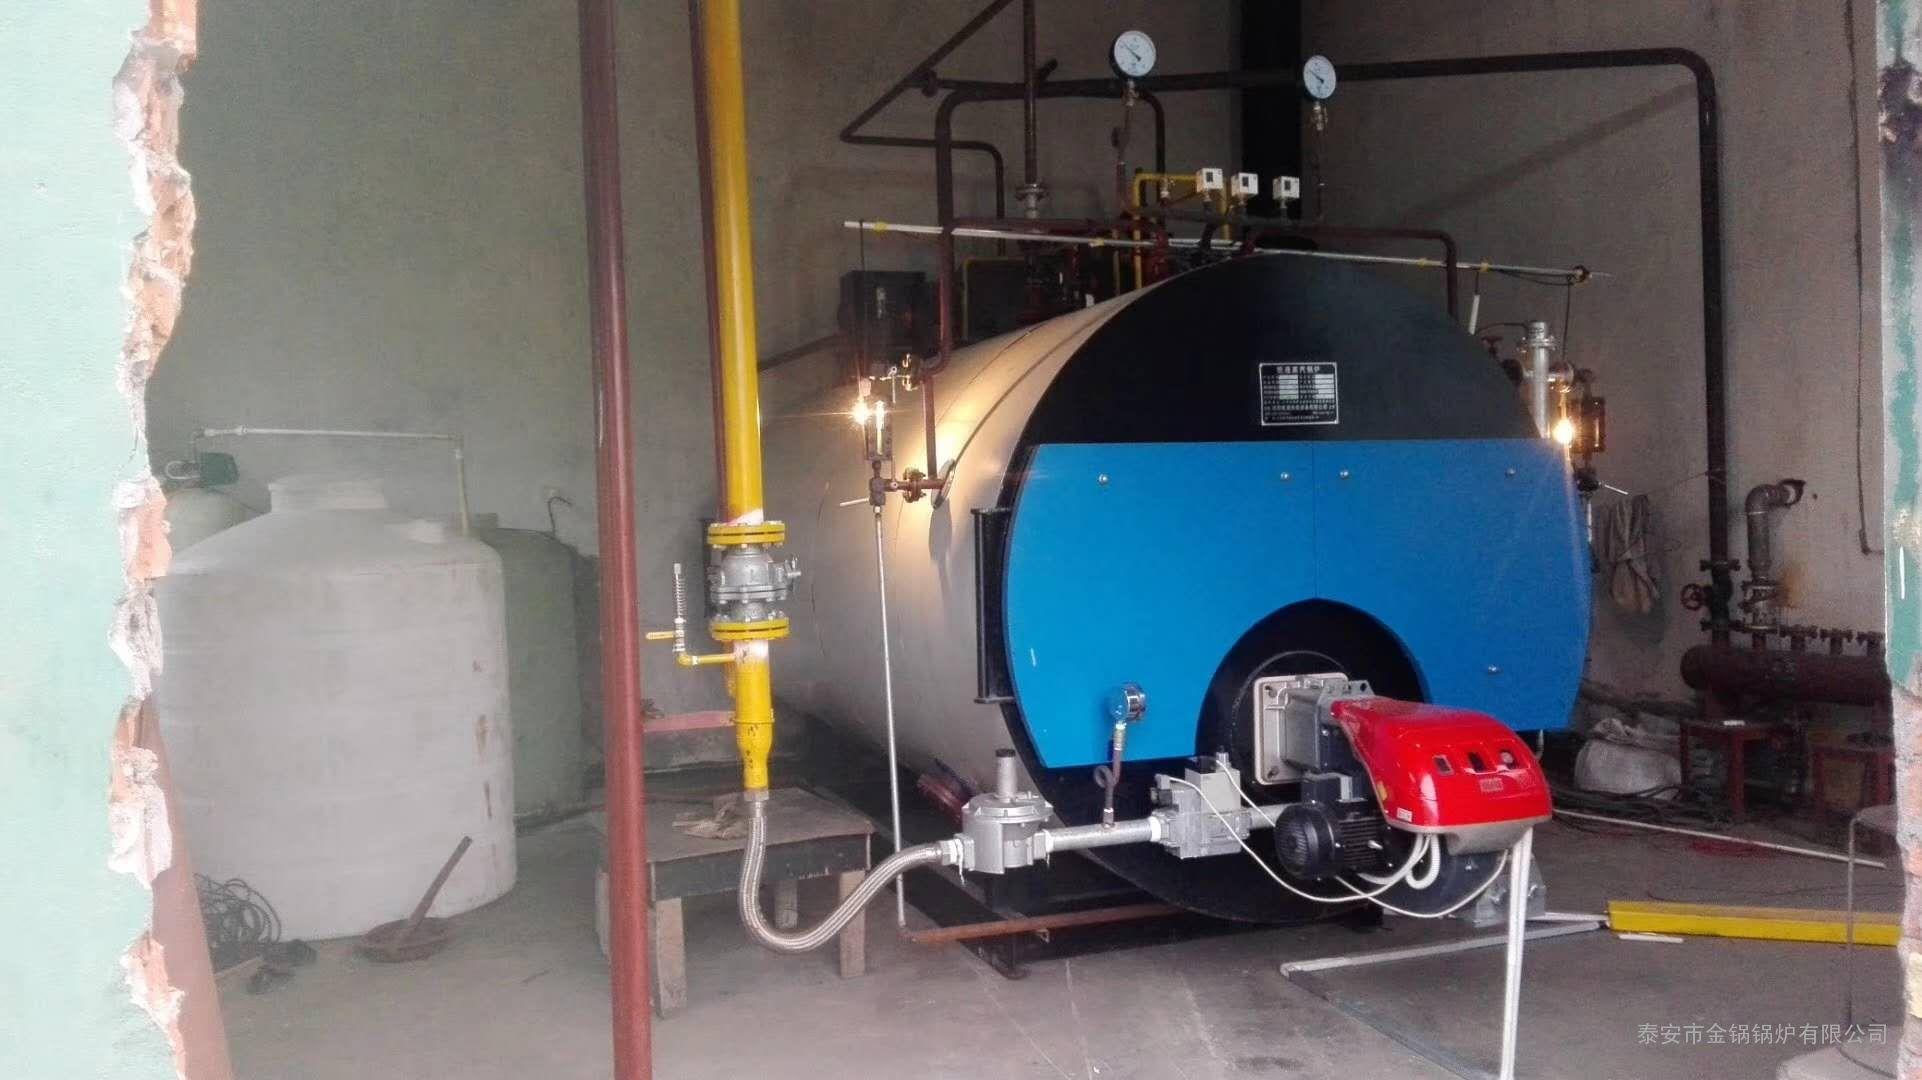 供应燃气锅炉 燃气采暖锅炉 燃气热水取暖锅炉